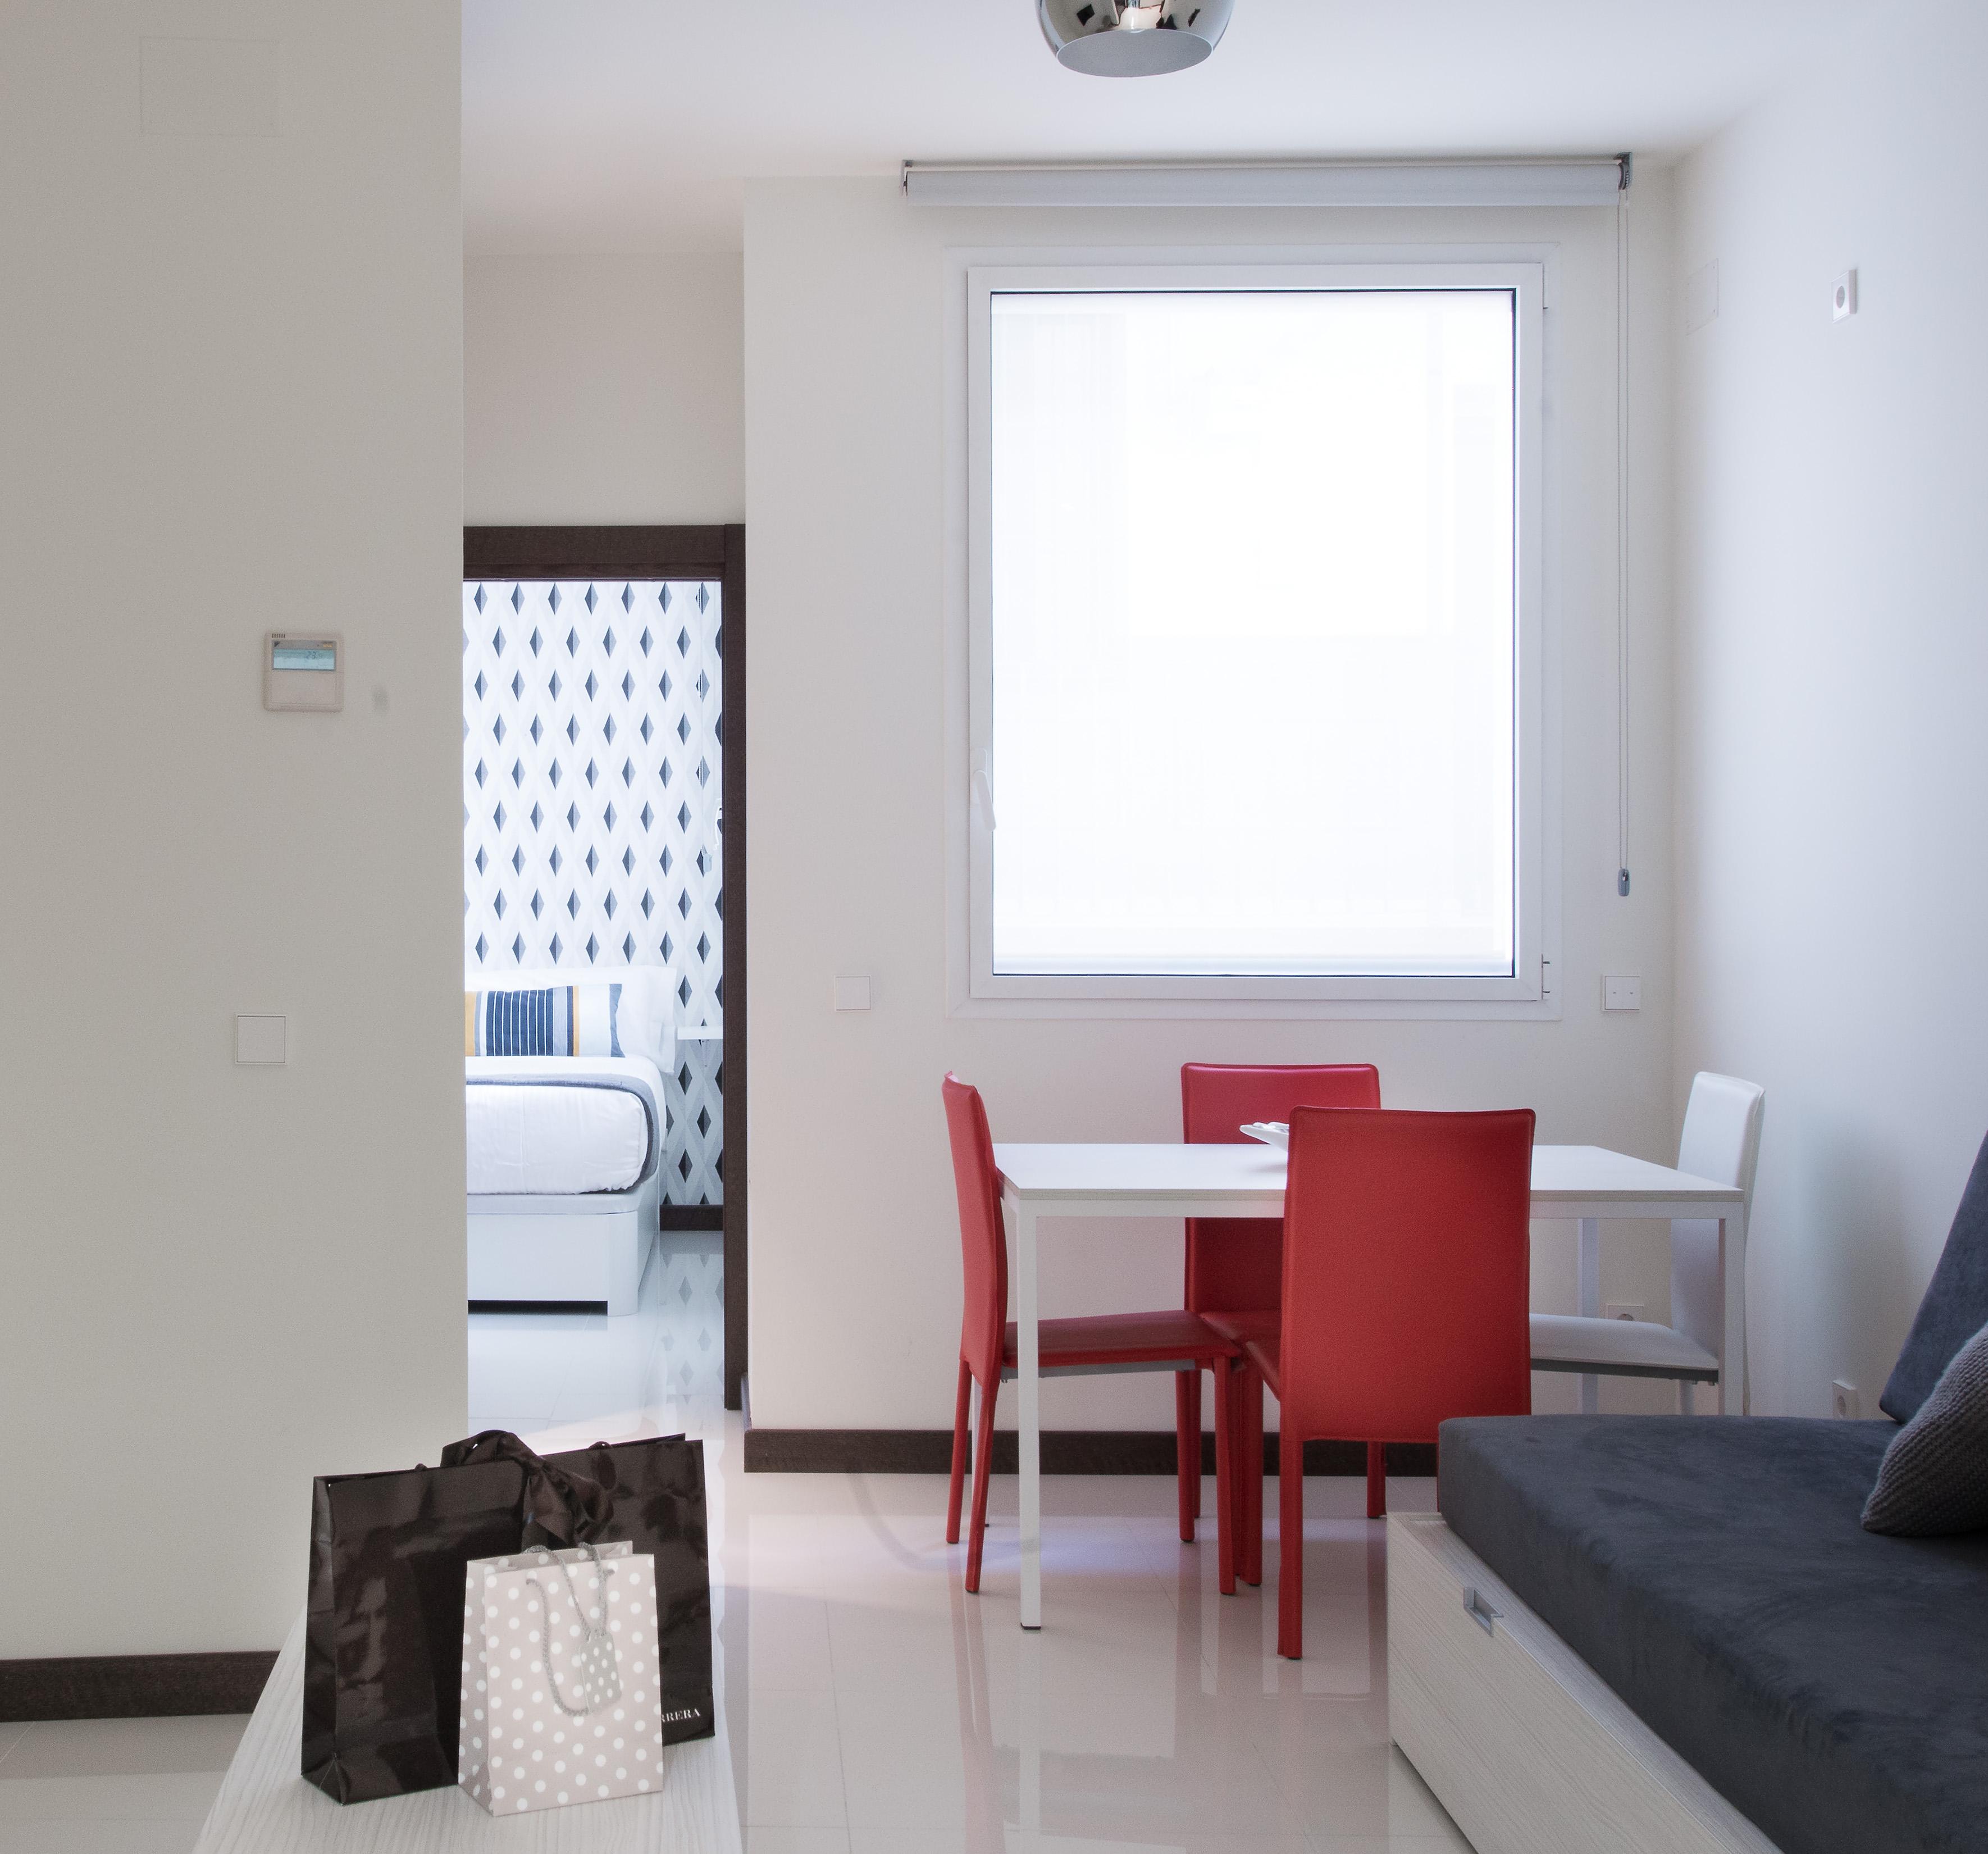 SUITES apartamento de 1dormitorio